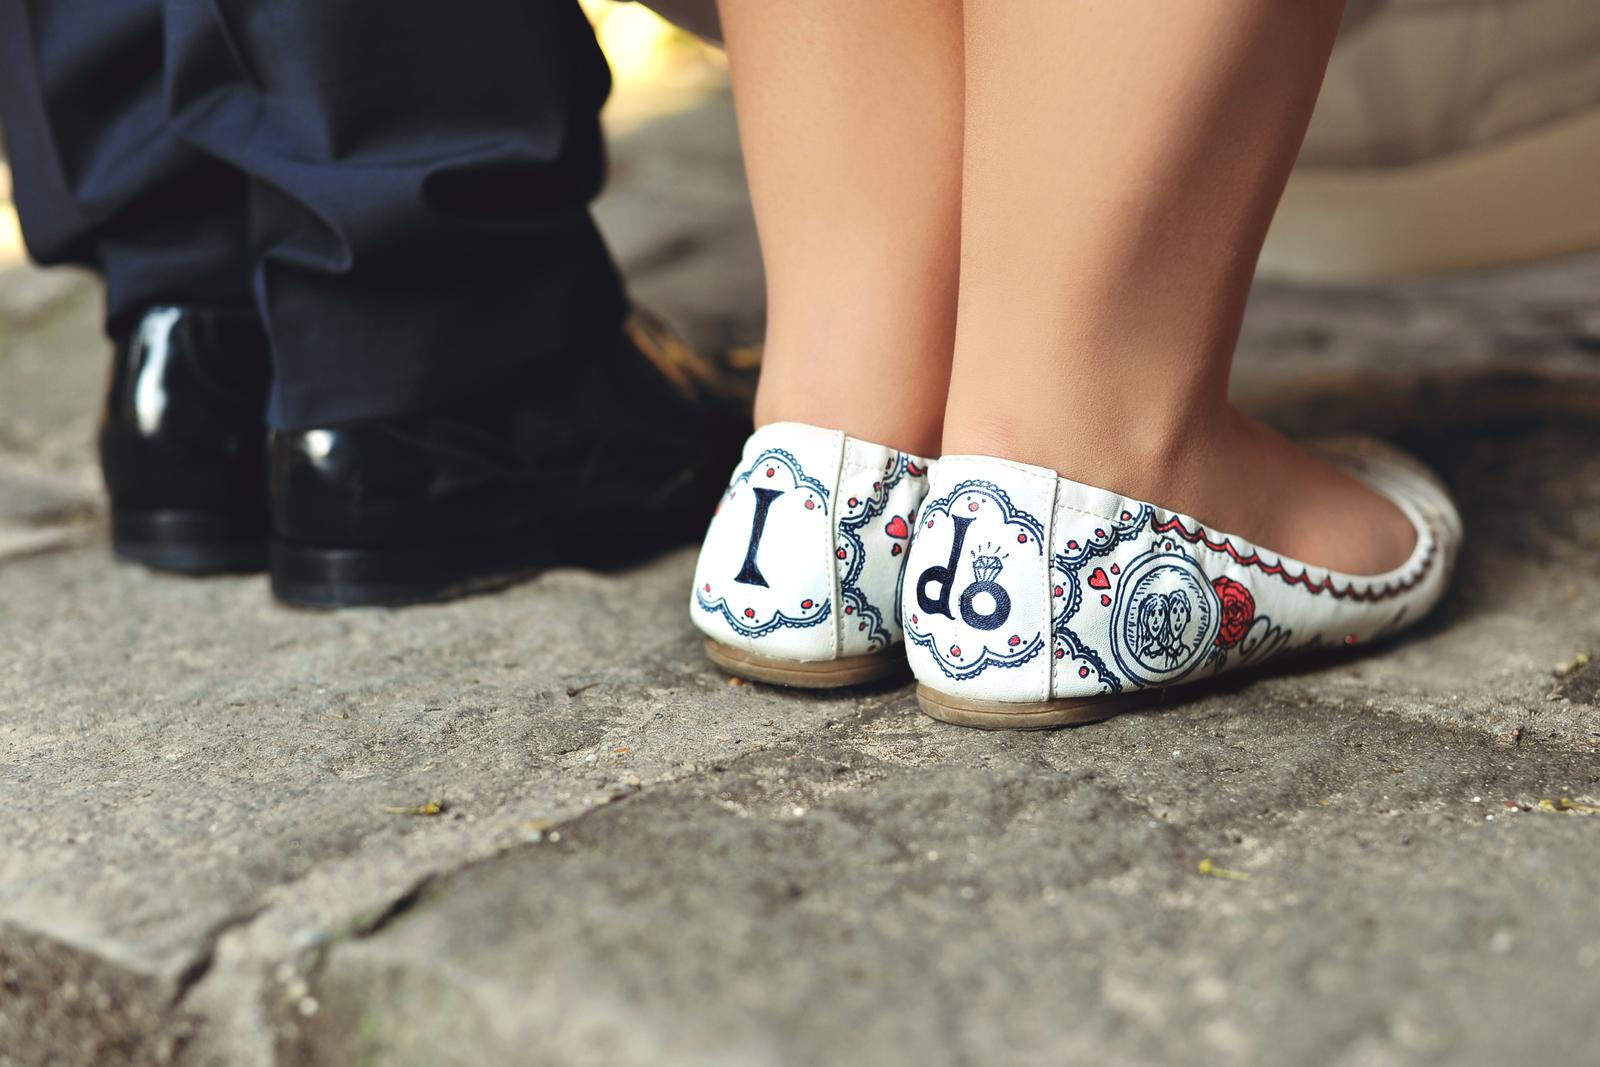 Svadobné a iné ručne maľované topánky - Obrázok č. 2